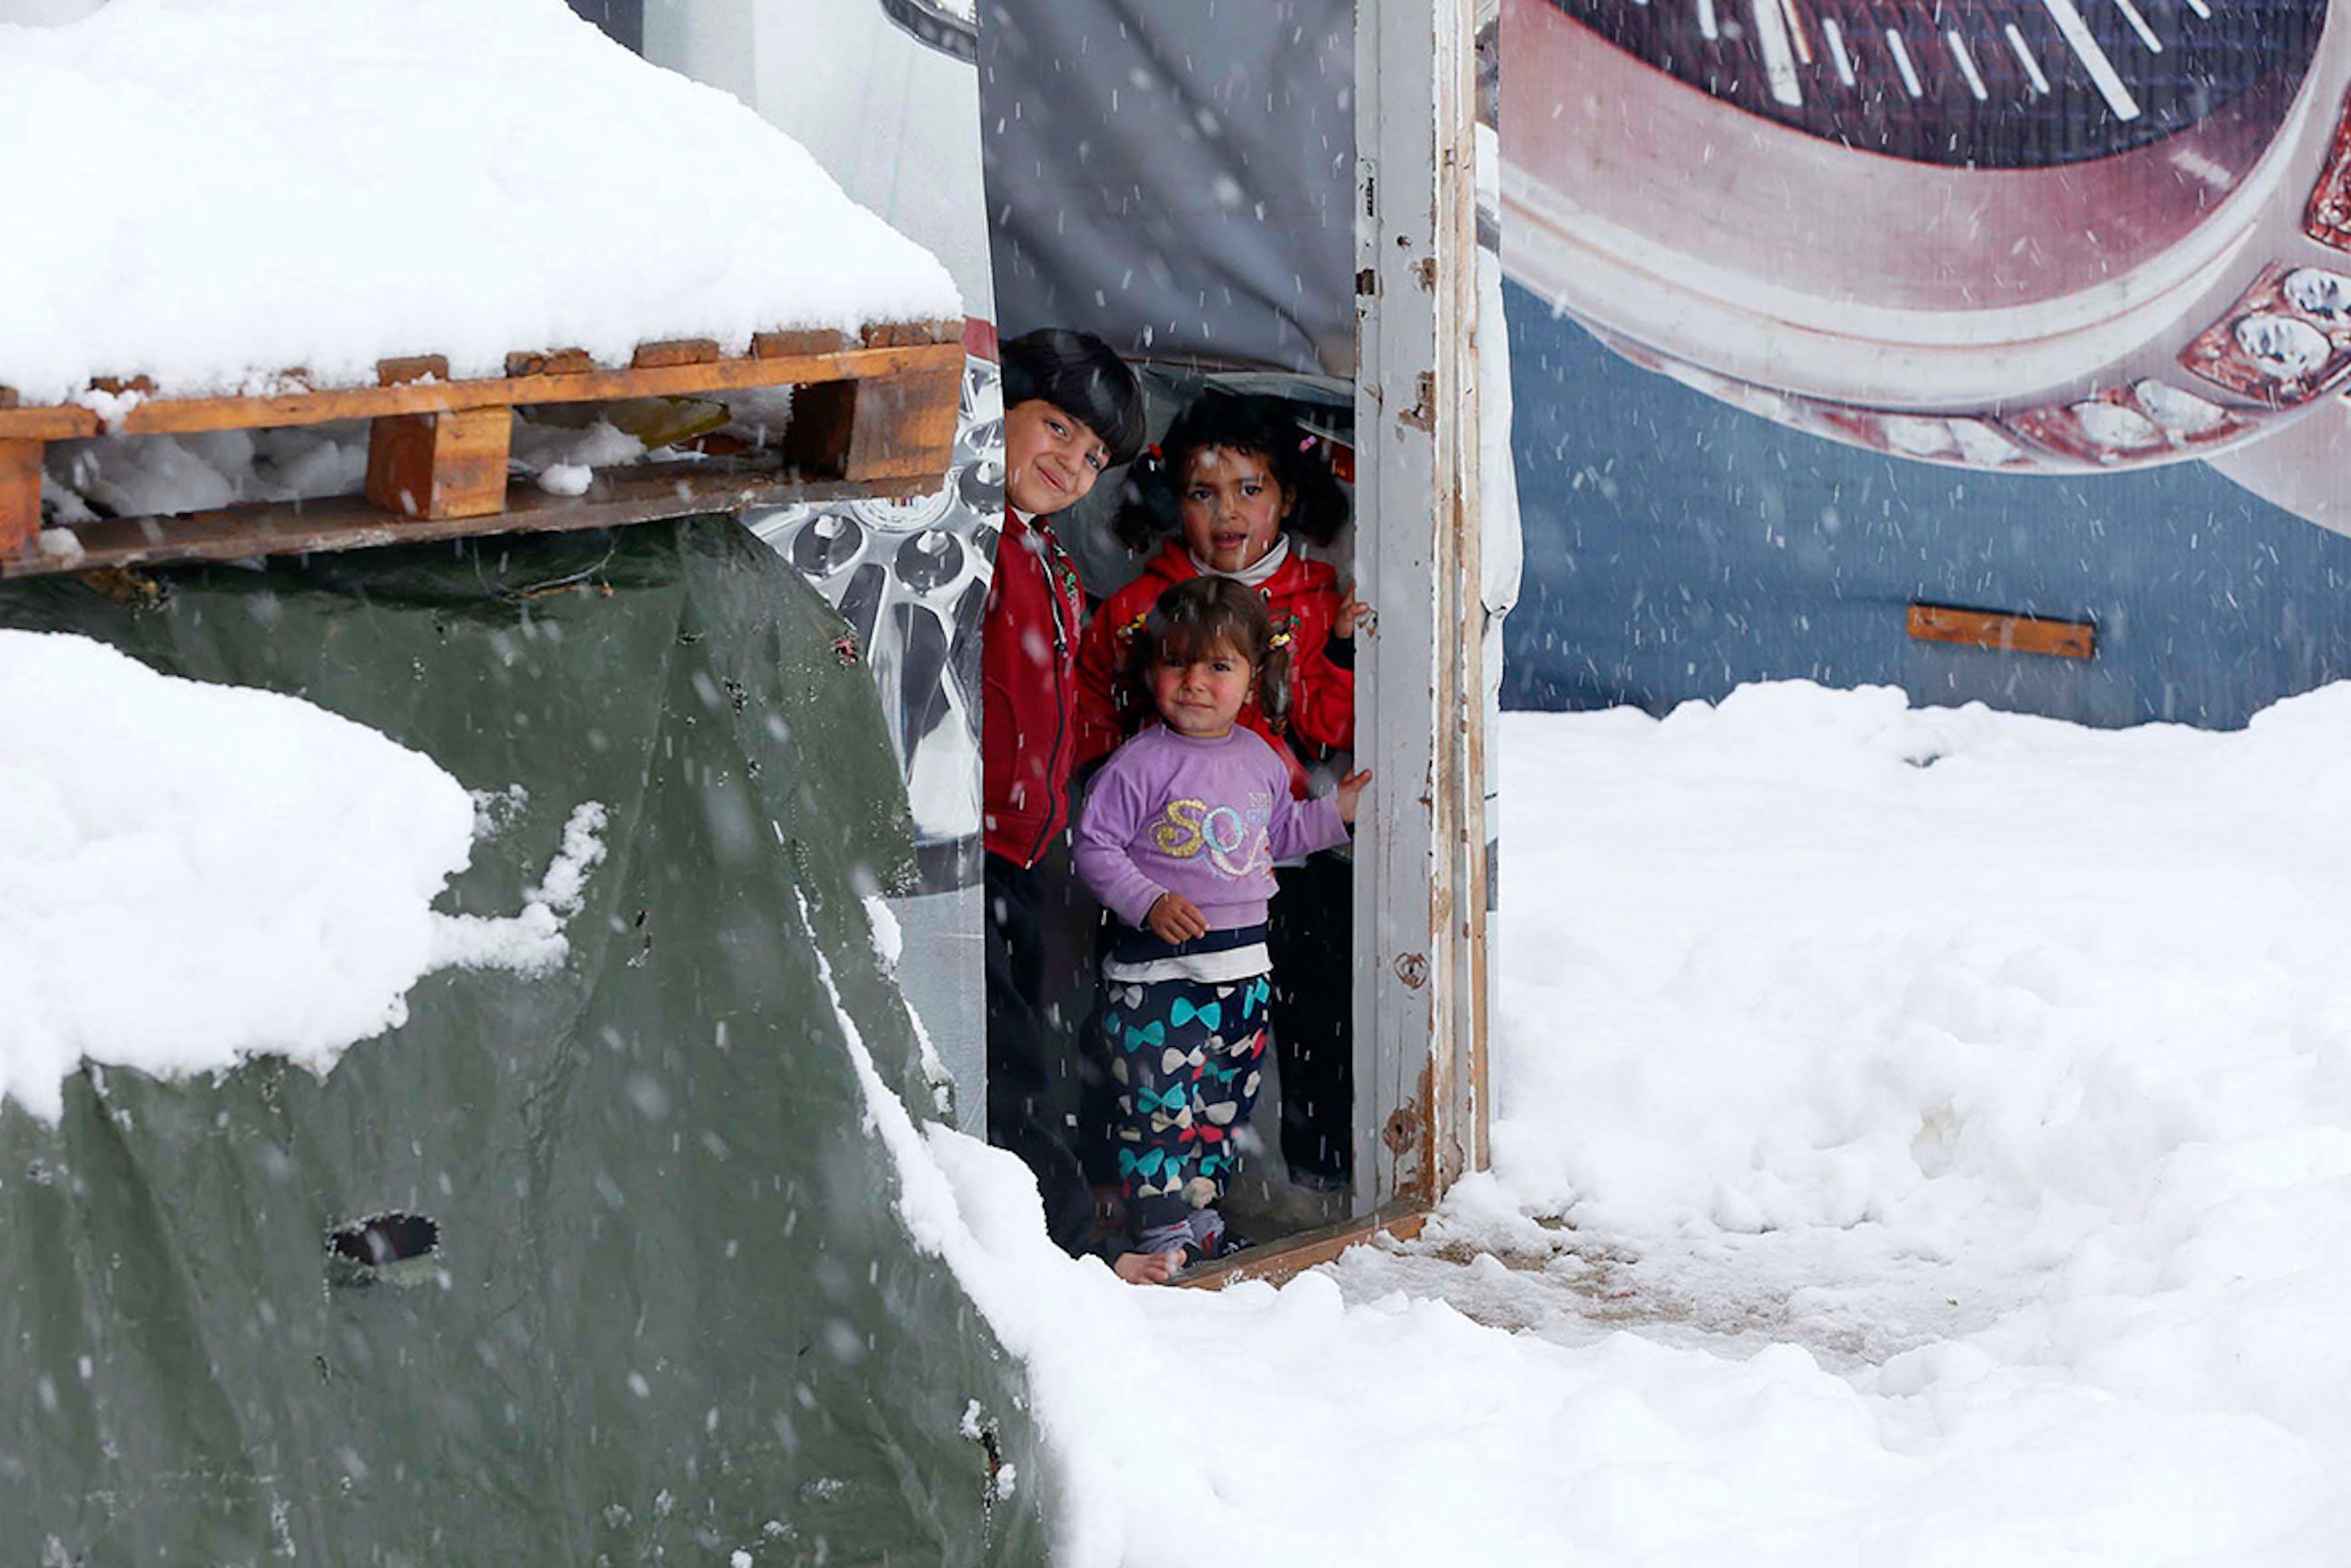 D'inverno nevicate e temperature sotto lo zero sono frequenti nelle montagne del Libano. Qui siamo nel campo profughi di Zahle - ©Mohammed Azakir/Reuters